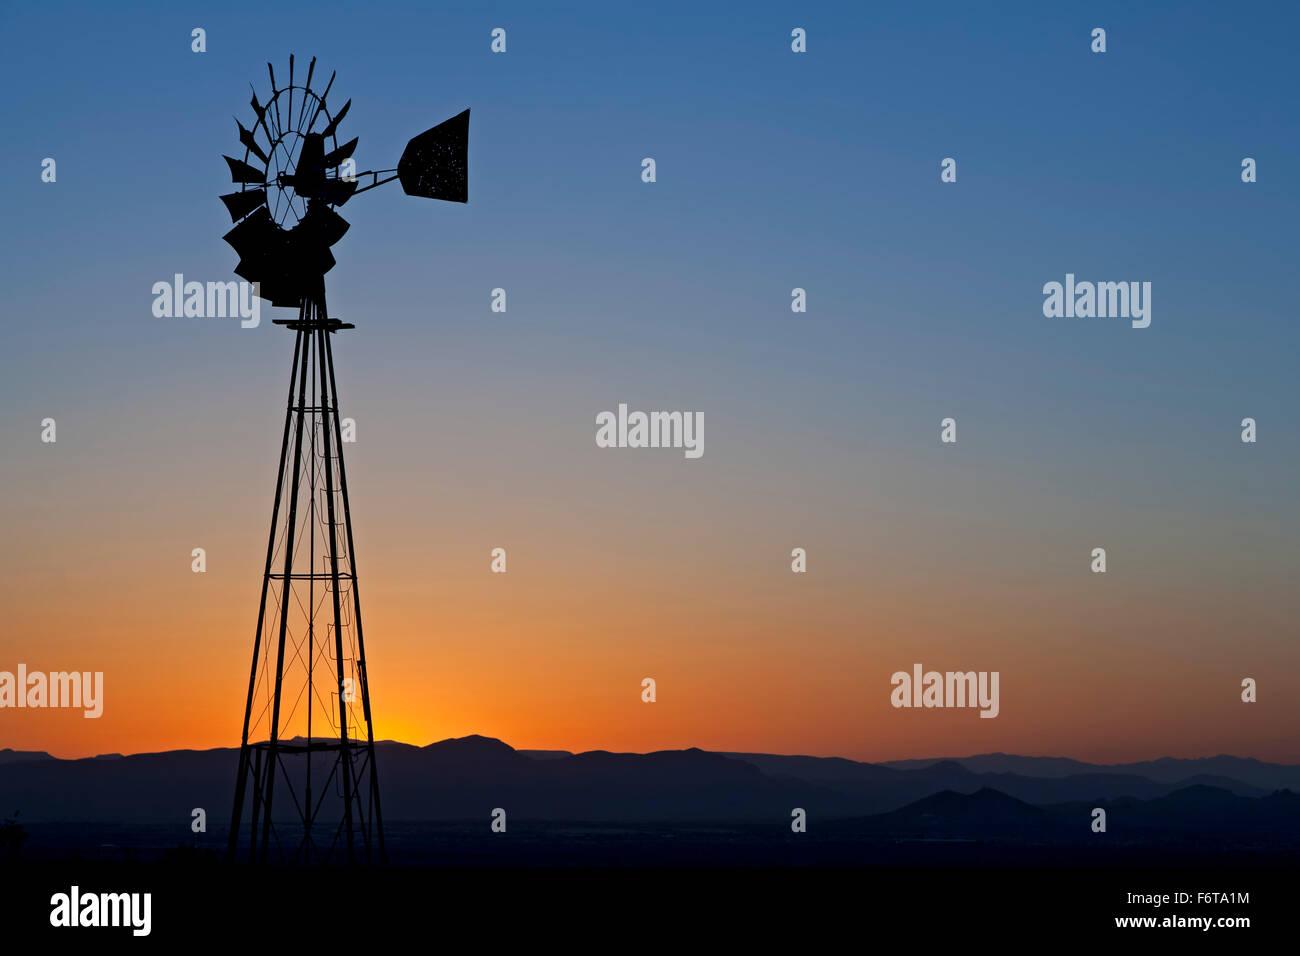 Moulin silhouetté contre le ciel orange, orgue montagnes, près de Las Cruces, Nouveau Mexique, USA Photo Stock